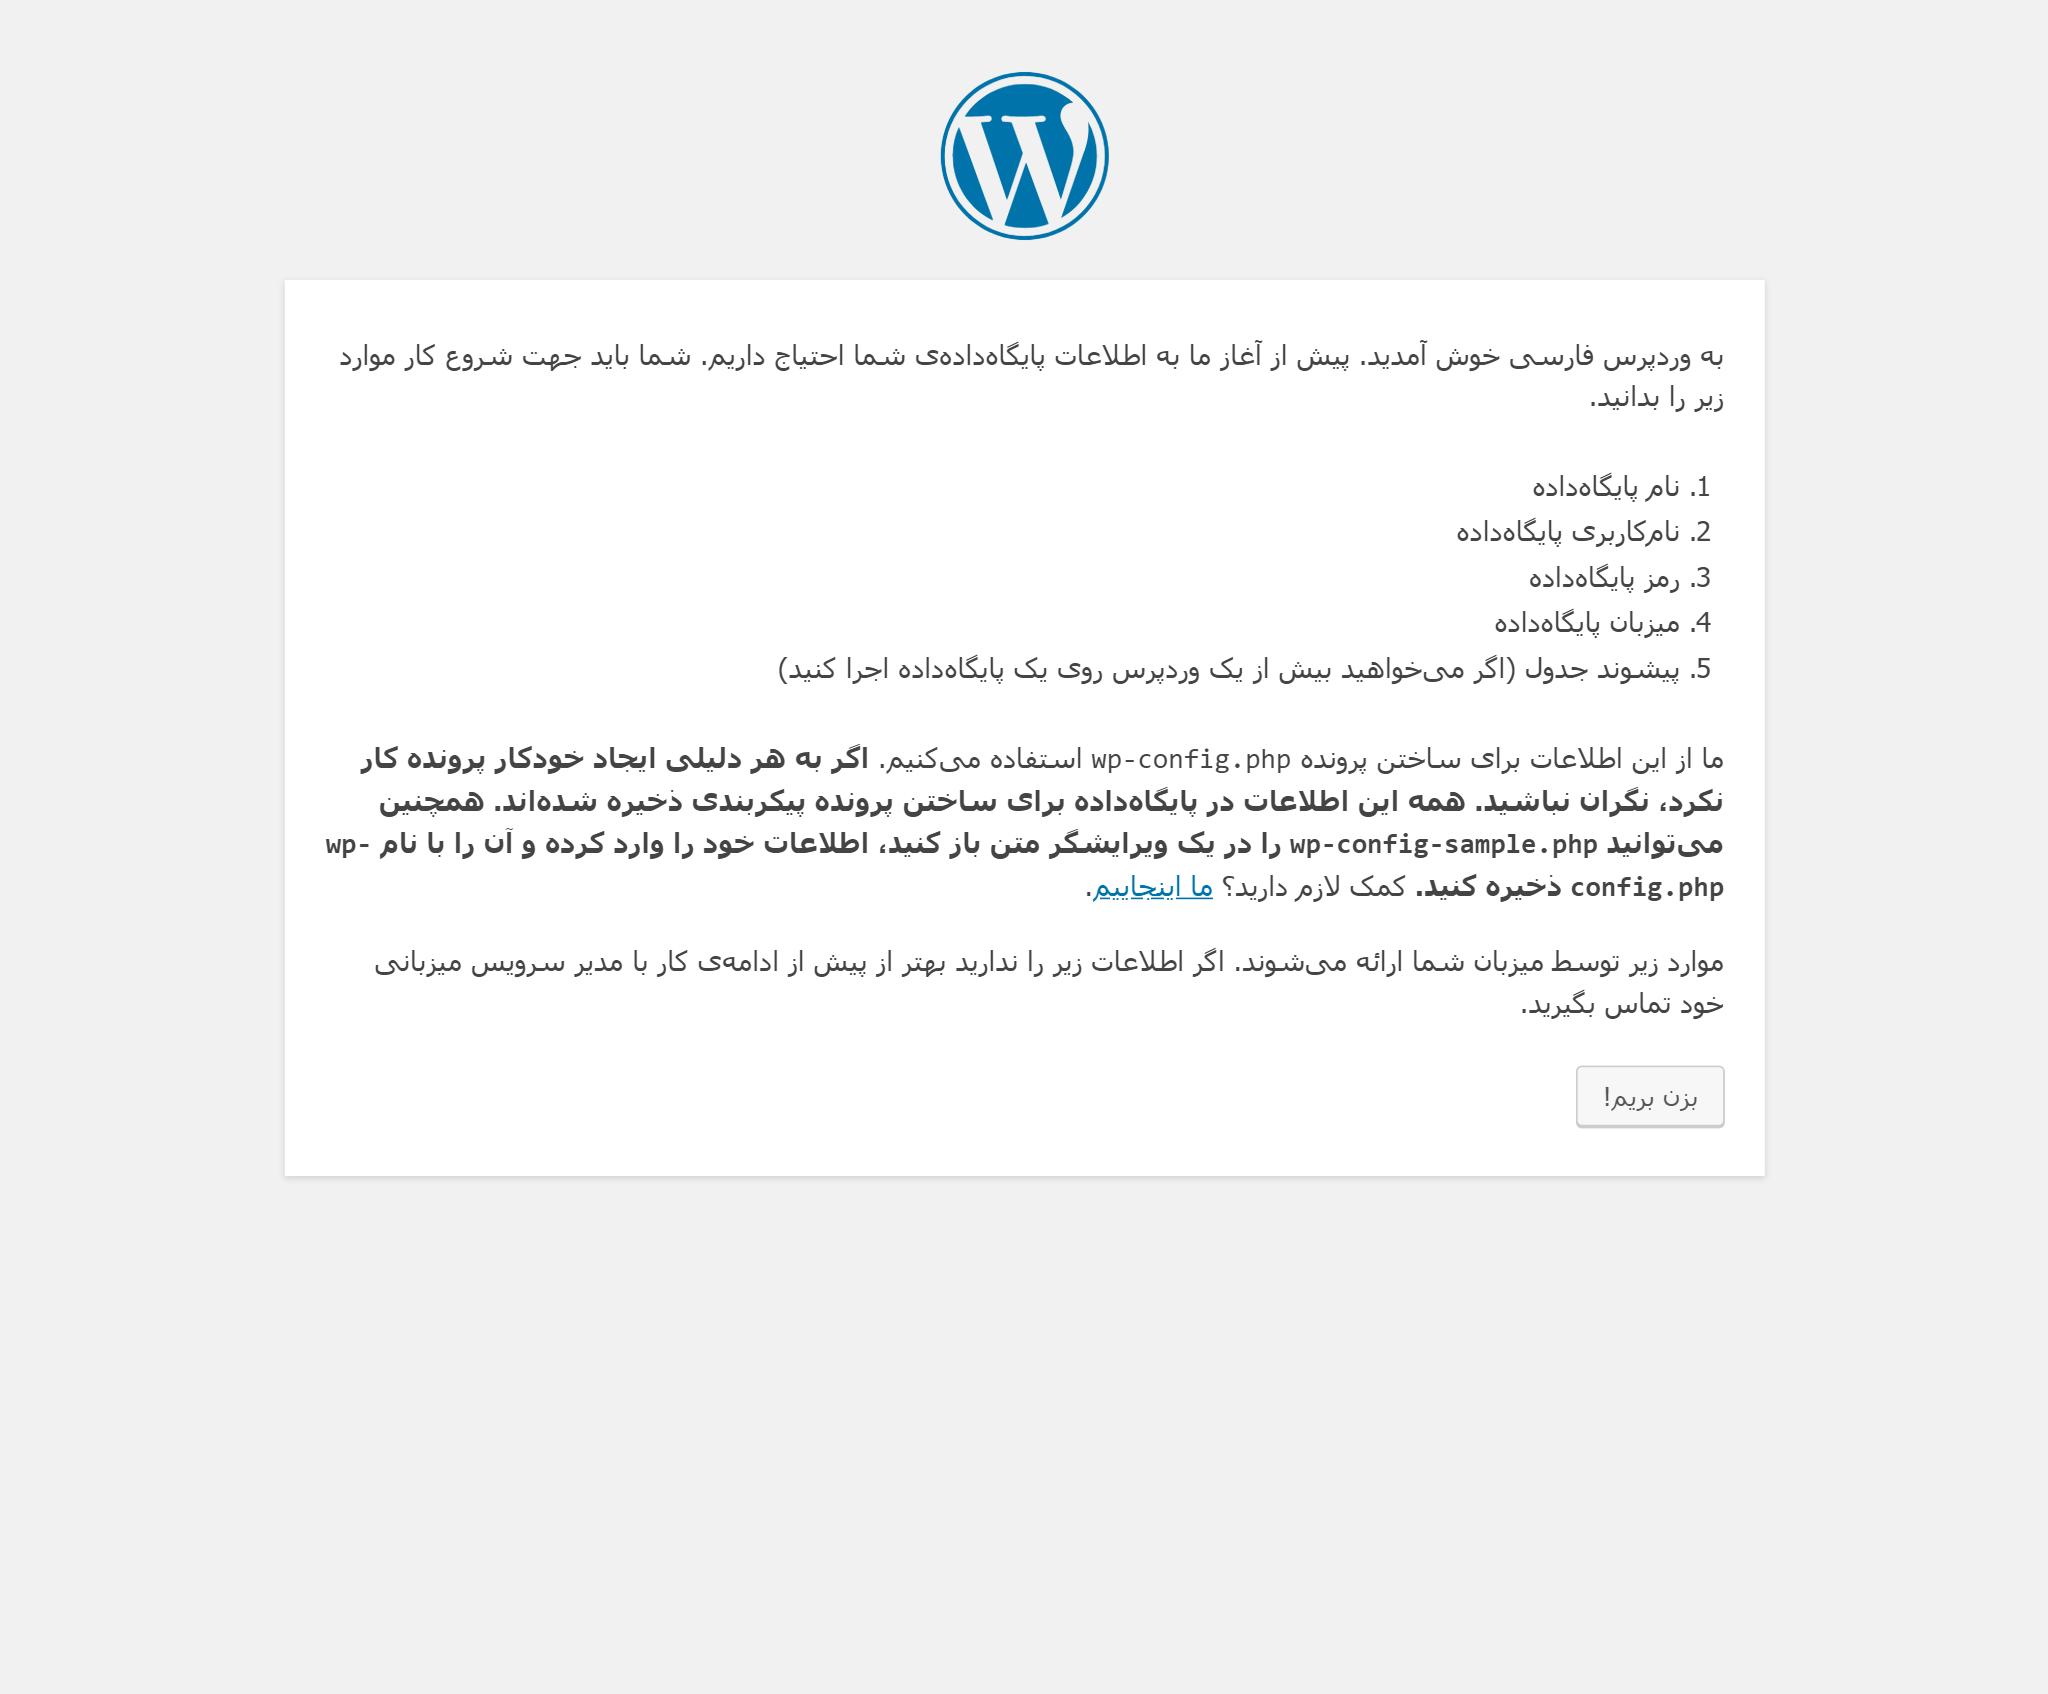 نصاب وردپرس فارسی